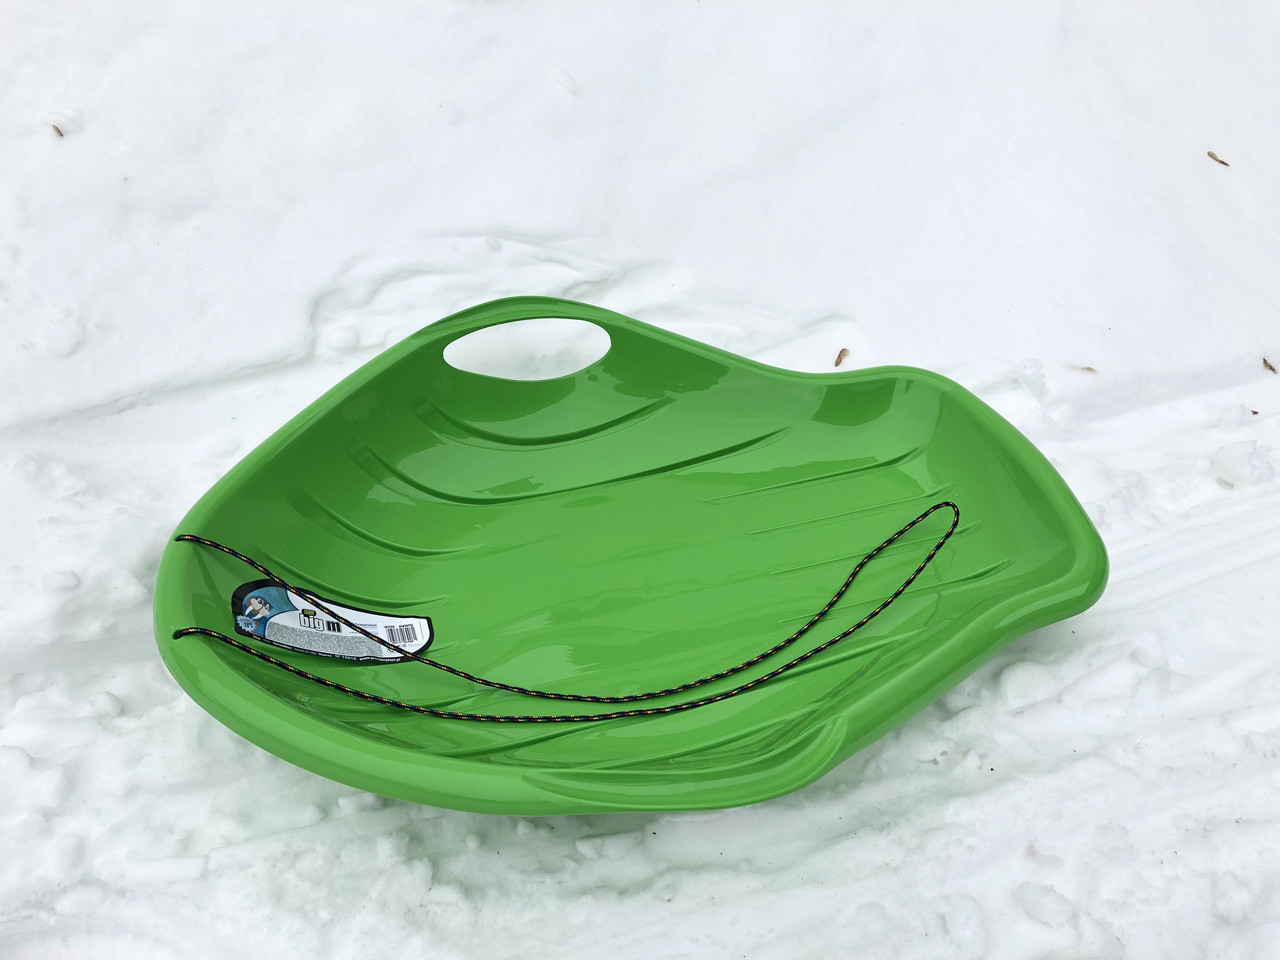 Зимние санки-ледянка BIG M, зеленые